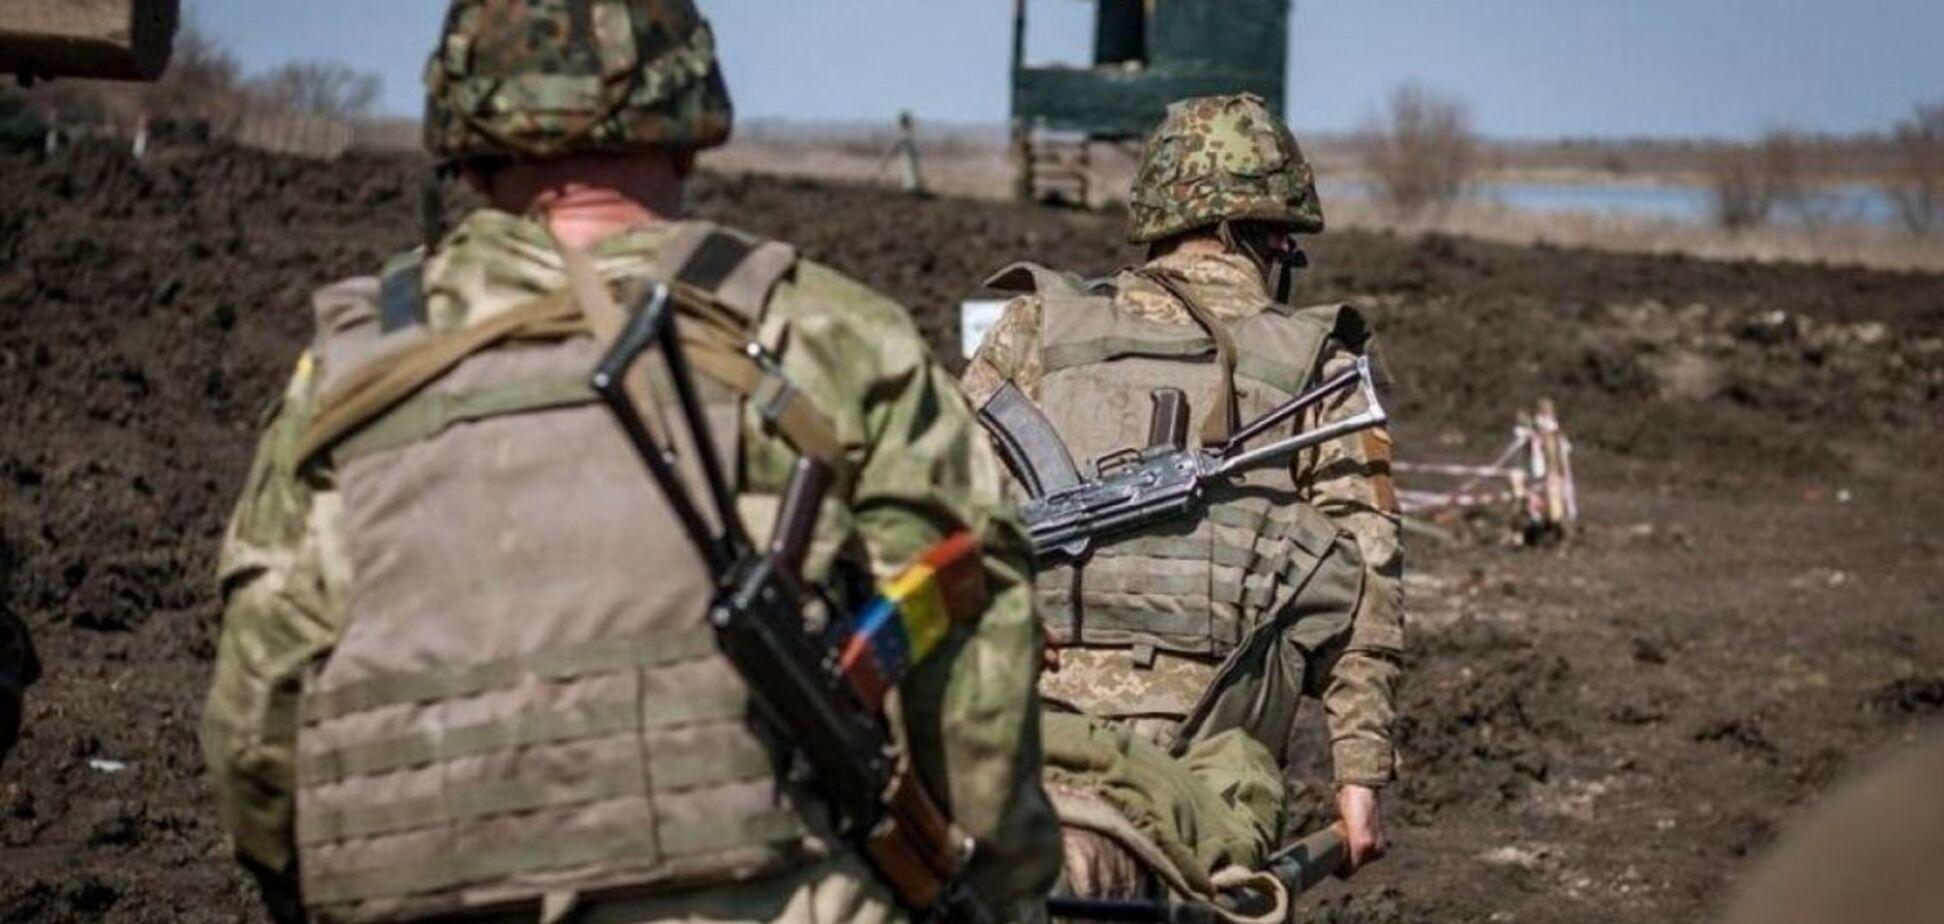 Війна за незалежність України: 'Л/ДНР' розв'язали криваві бої